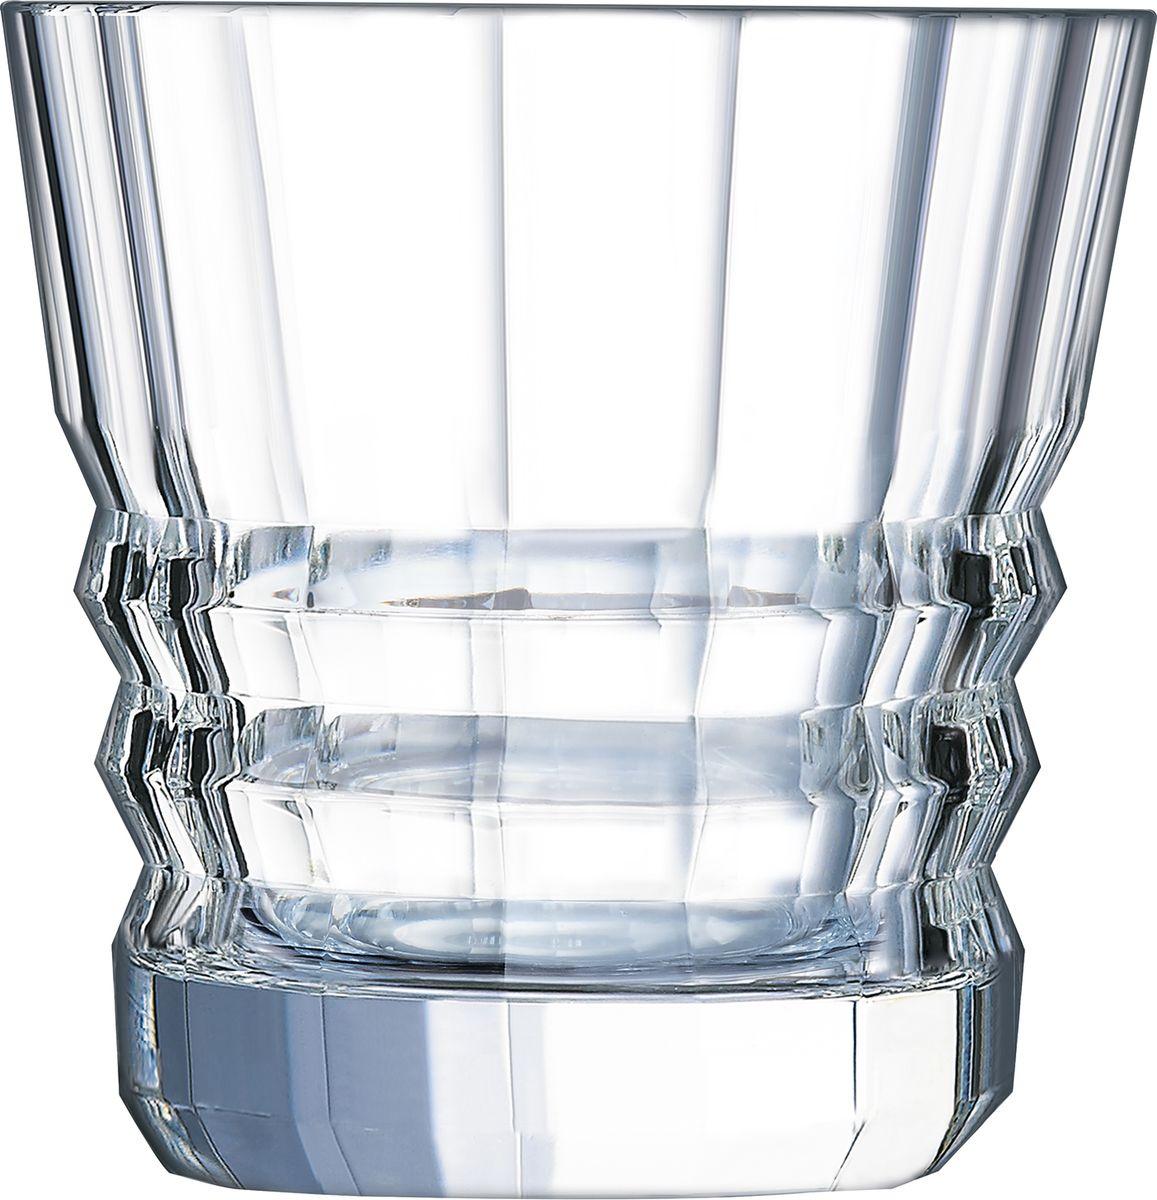 Набор стаканов Cristal dArques Architecte, 320 мл, 6 шт. L6695L6695Набор стаканов Cristal dArques Architecte выполнен из хрустального стекла. В ритме закруглений и выступов микрограней, прямые стаканы с тяжелым дном из коллекции Architecte словно вышли из бара, насыщенного мужественной атмосферой Парижа Хемингуэя эпохи между двумя мировыми войнами. Одновременно творчески эксцентричные и геометрически строгие, они обязаны своим современным видом традициям и современной технической смелости. В них парадоксально соединяются по определению угловатые, но округлые грани, возвышаемые несравненным блеском хрусталя. Коллекция вдохновлена безумными двадцатыми и несет отпечаток эпохи, гениально соединившей круглые формы и прямые линии.